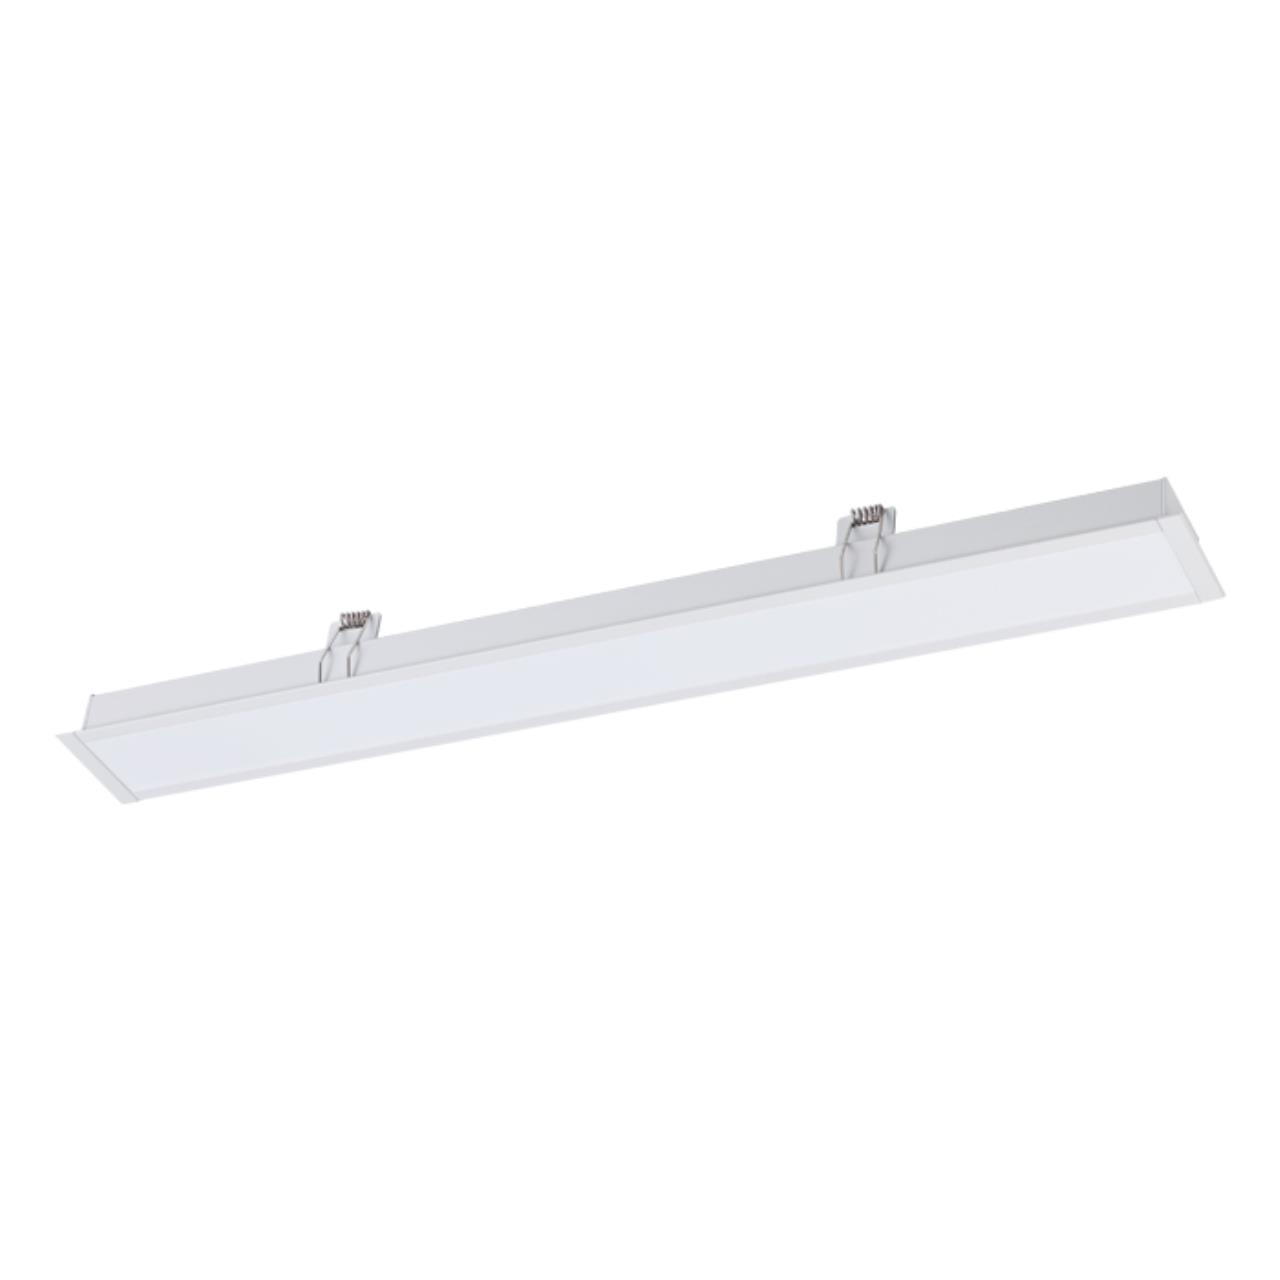 358043 SPOT NT19 052 белый Встраиваемый светильник IP20 LED 4000К 32W 220V ITER